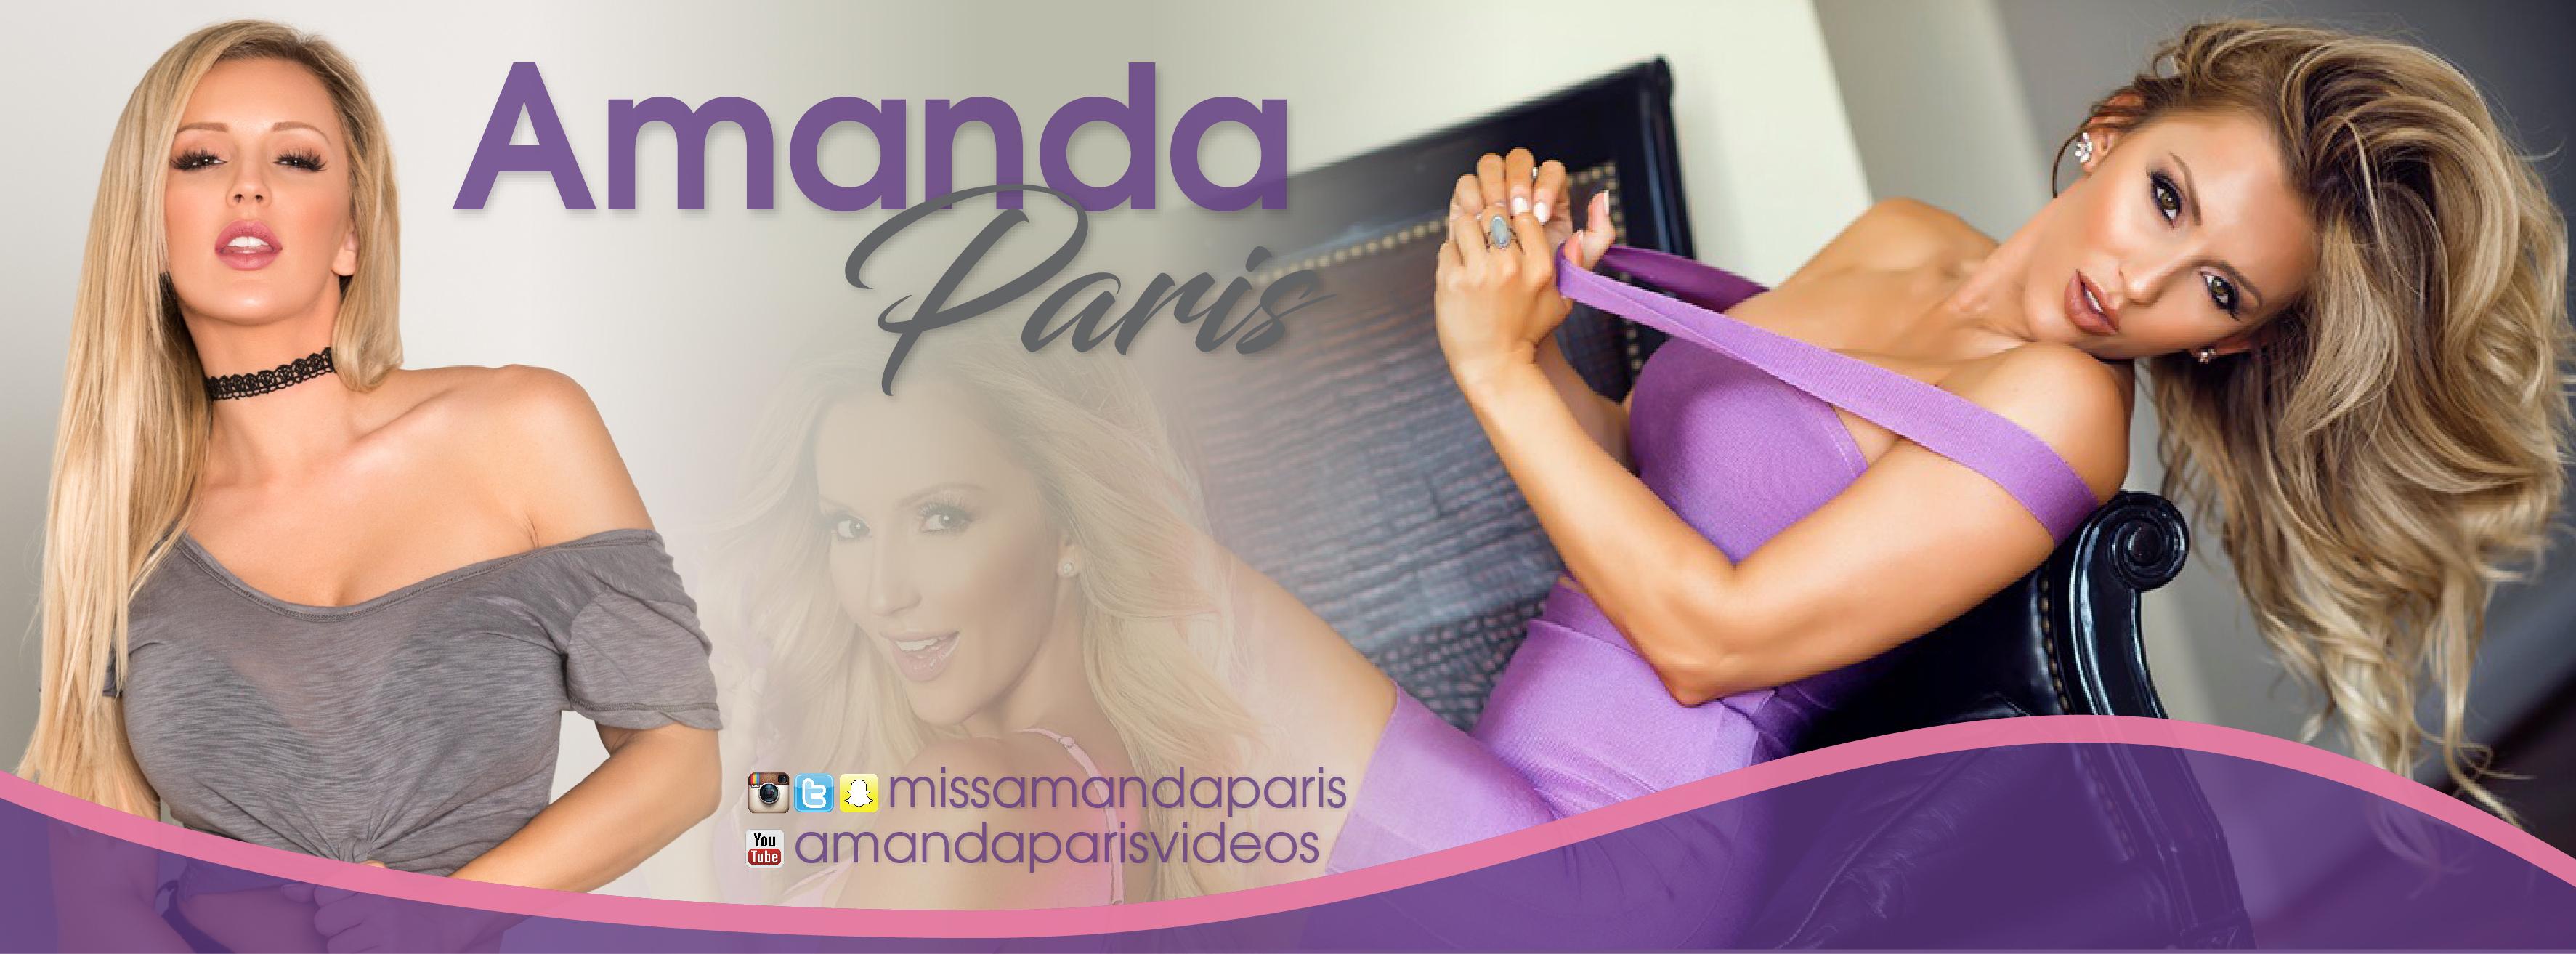 AmandaParisFBanner-01